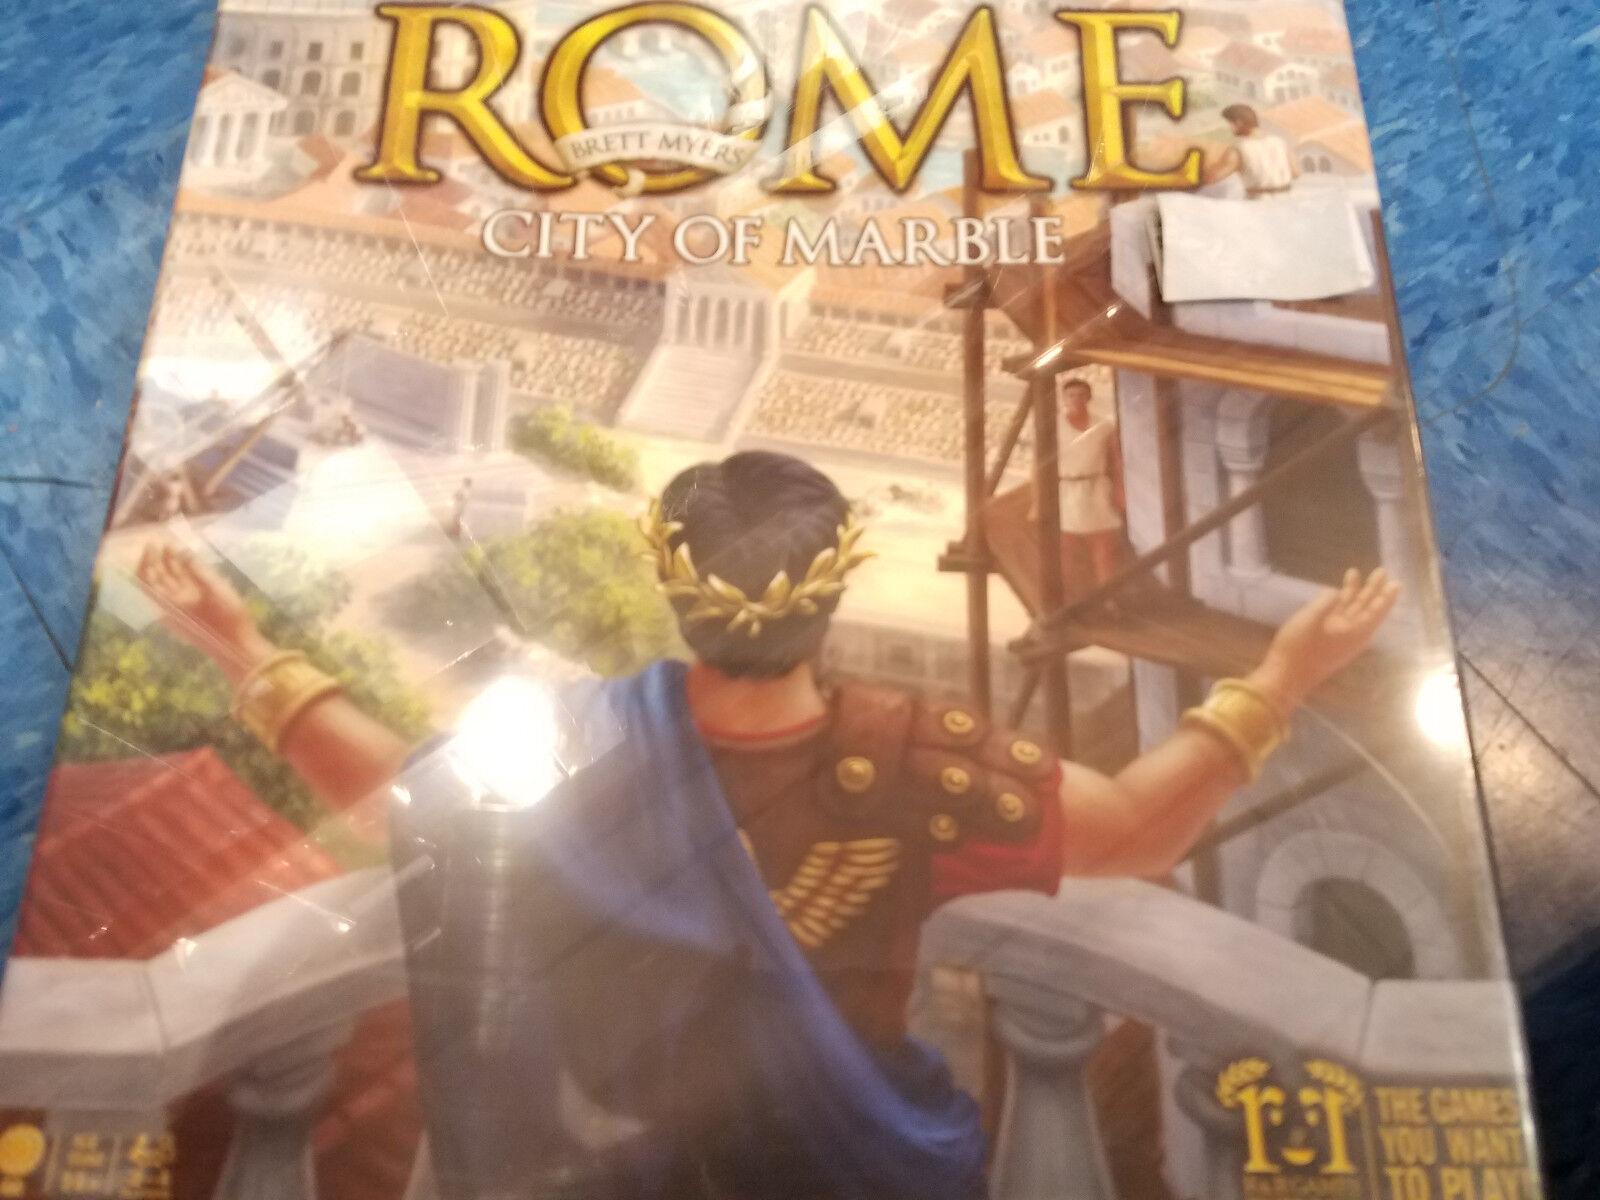 diseño simple y generoso Roma    ciudad de mármol-R & R Juegos Juego De Mesa  nuevo   deportes calientes